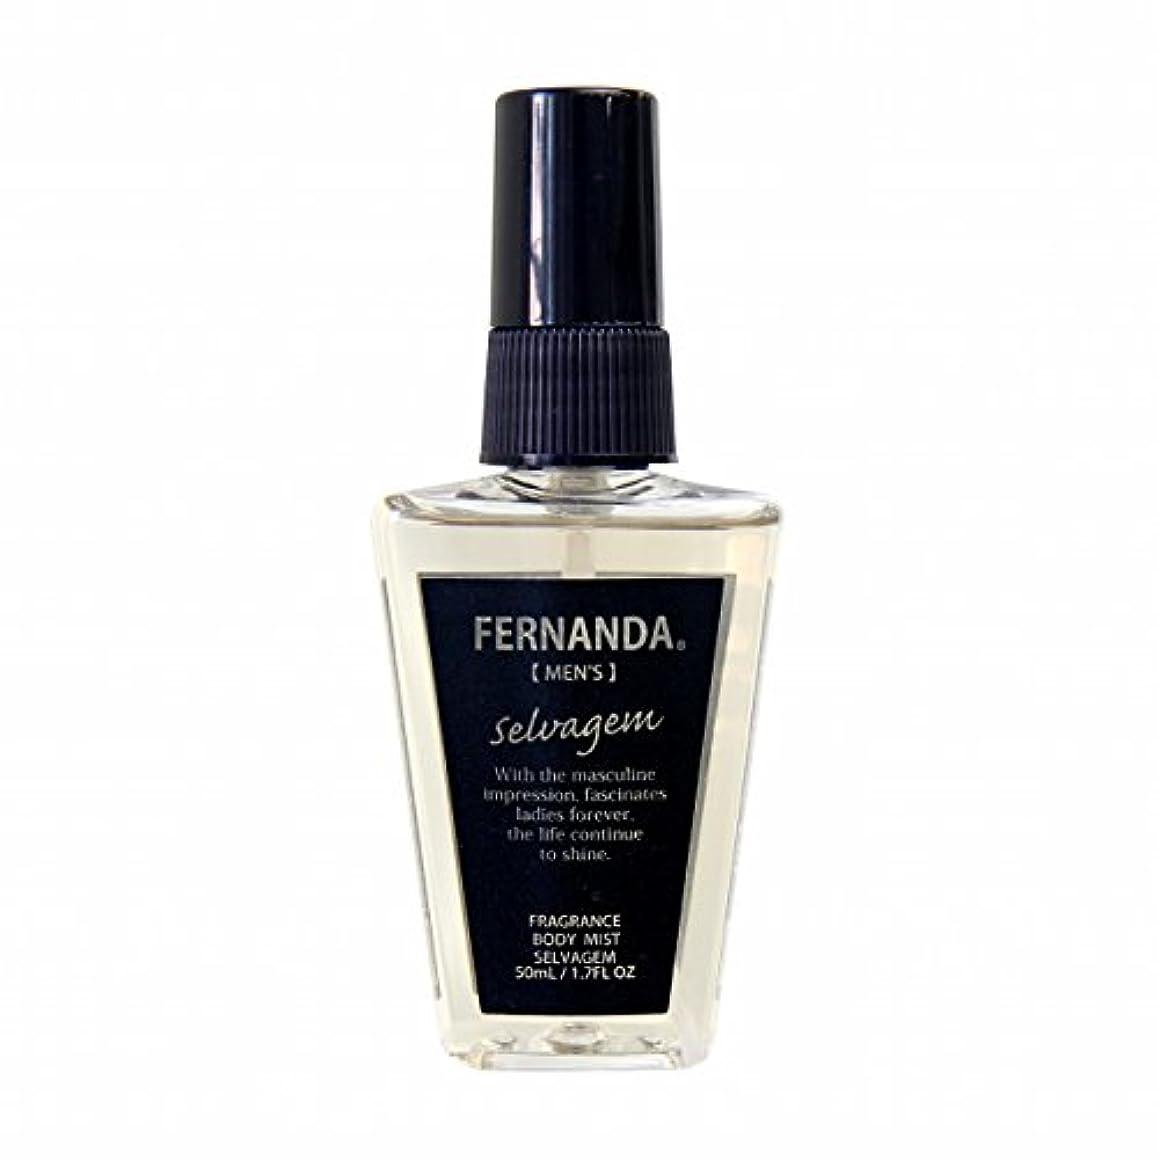 合体キャロライン放置FERNANDA(フェルナンダ) Body Mist For MEN Selvagem (ボディミスト フォーメン セルヴァジェン)